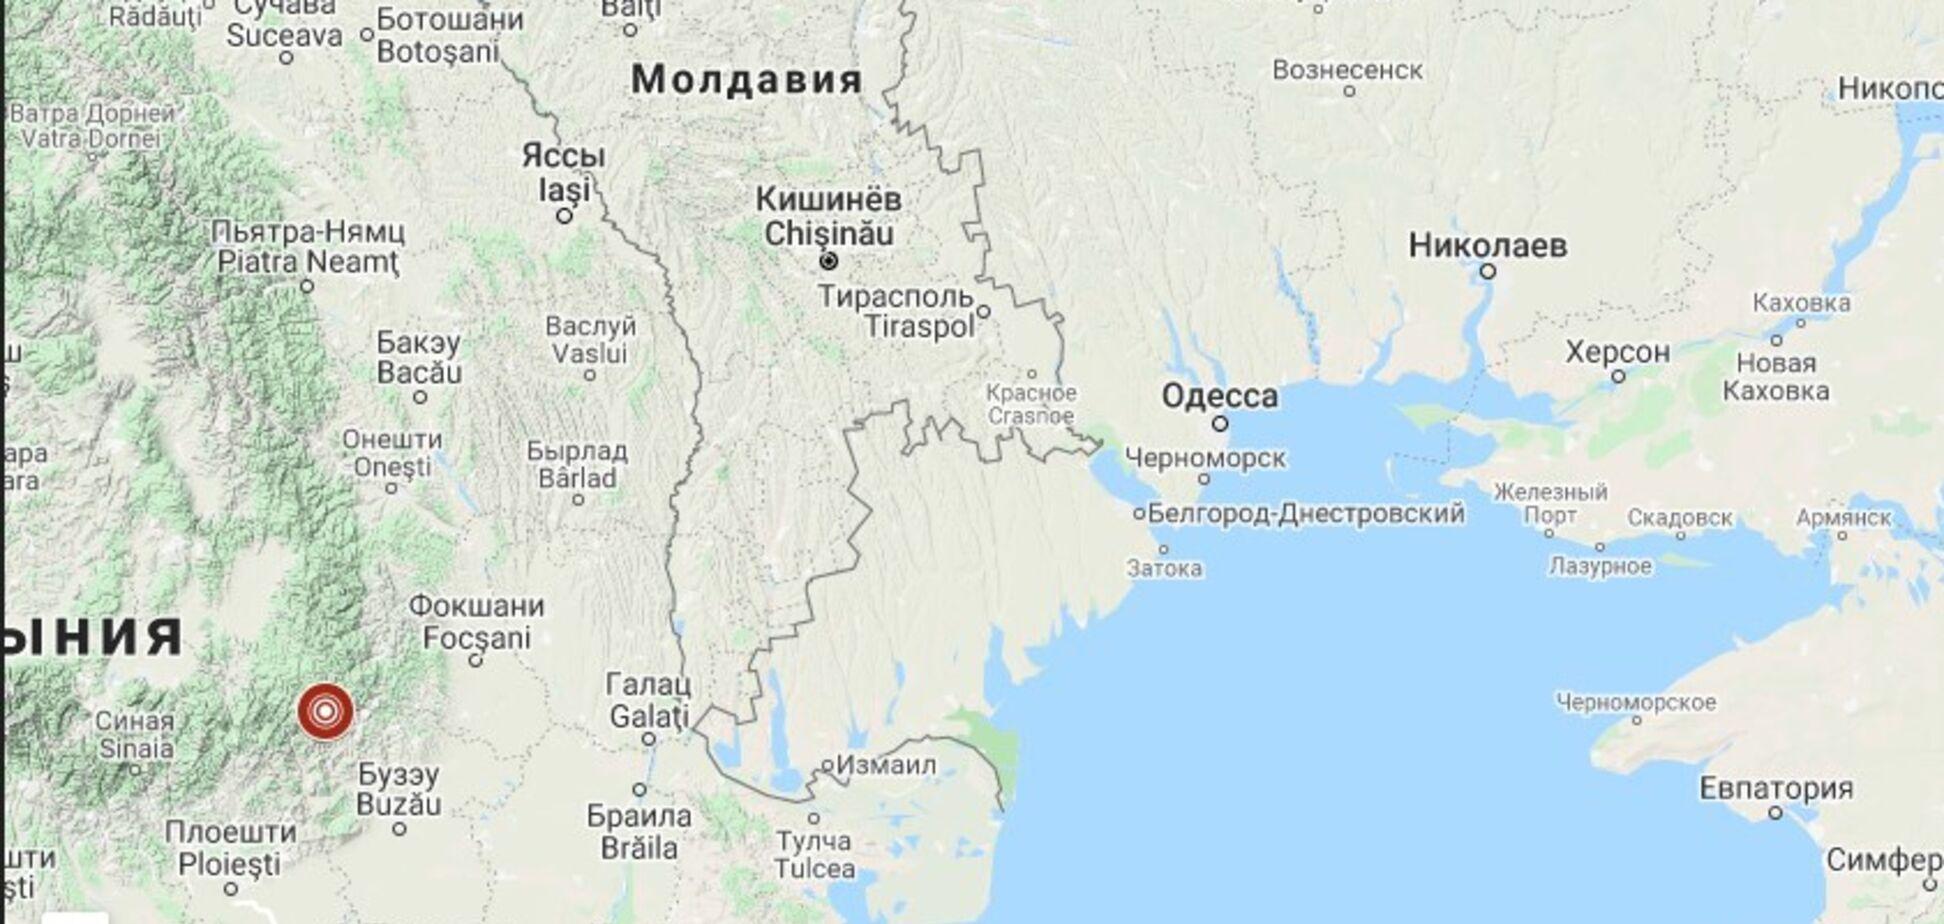 Землетрясение особенно ощутили в многоэтажках Одессы